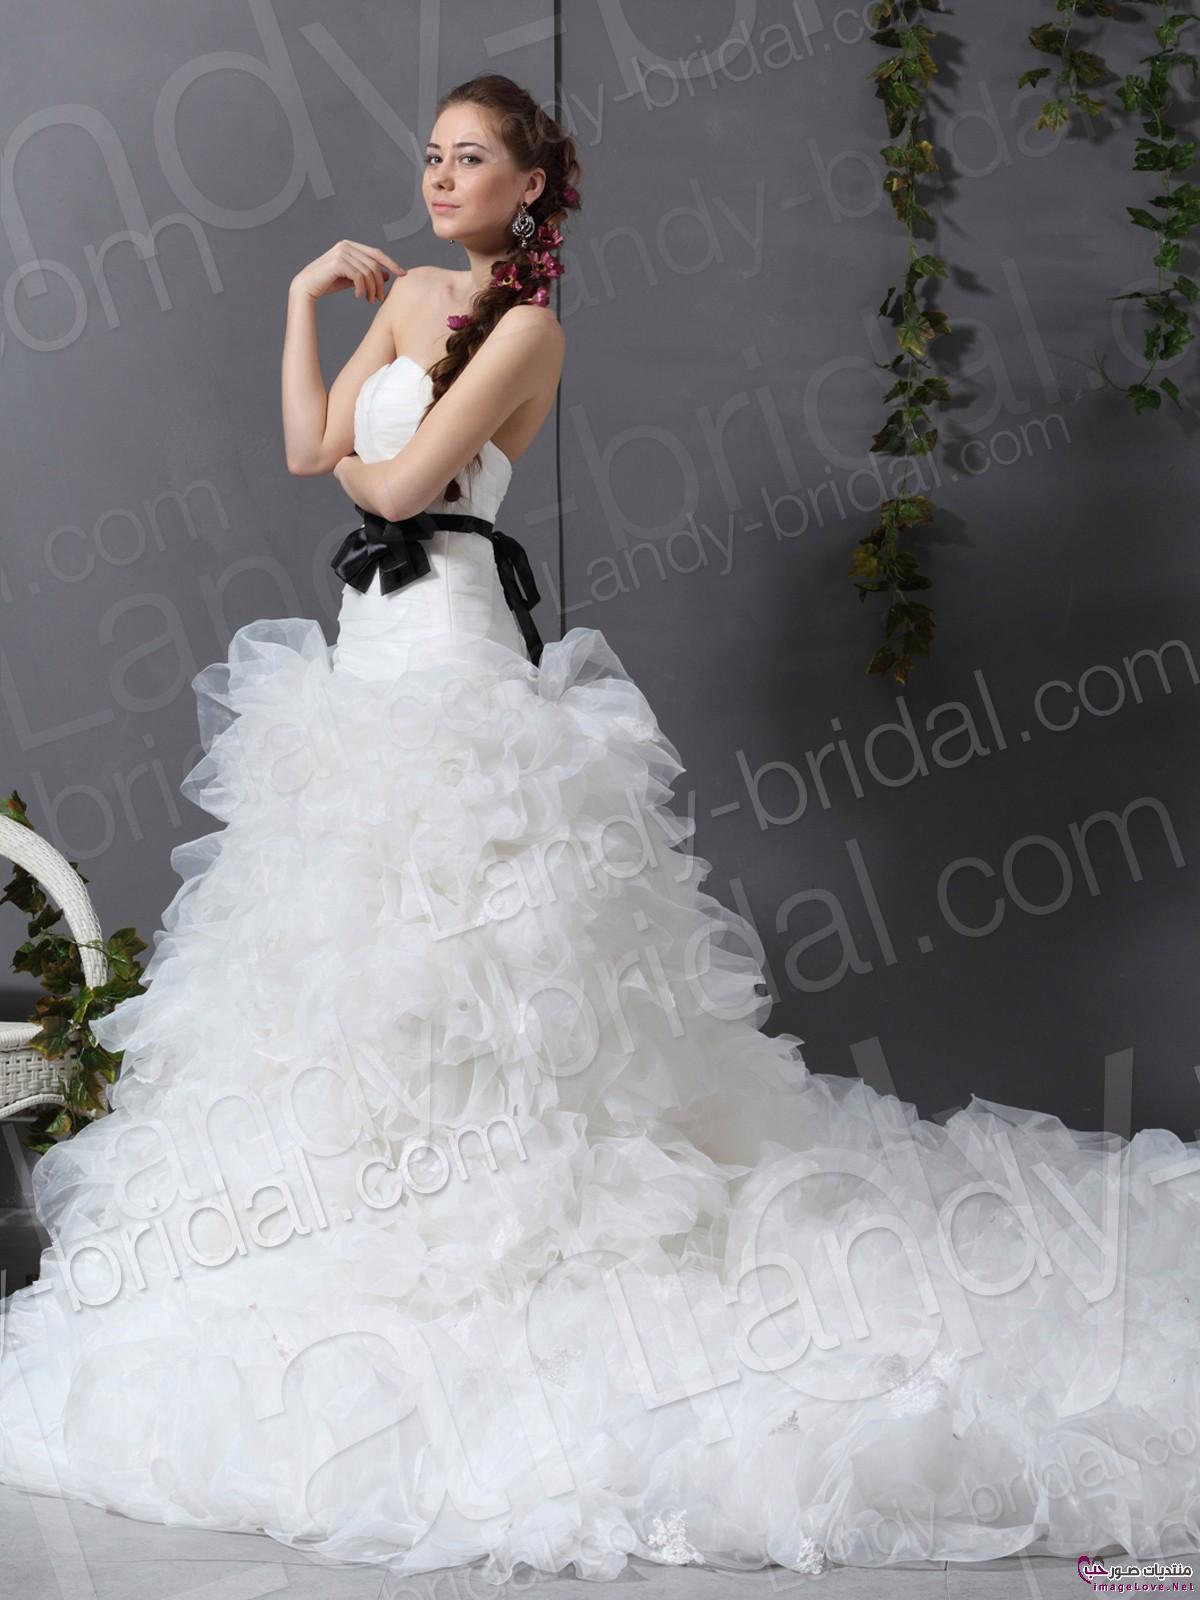 أجمل فستان للزفاف - صور فساتين زفاف 2013_1374706658_108.